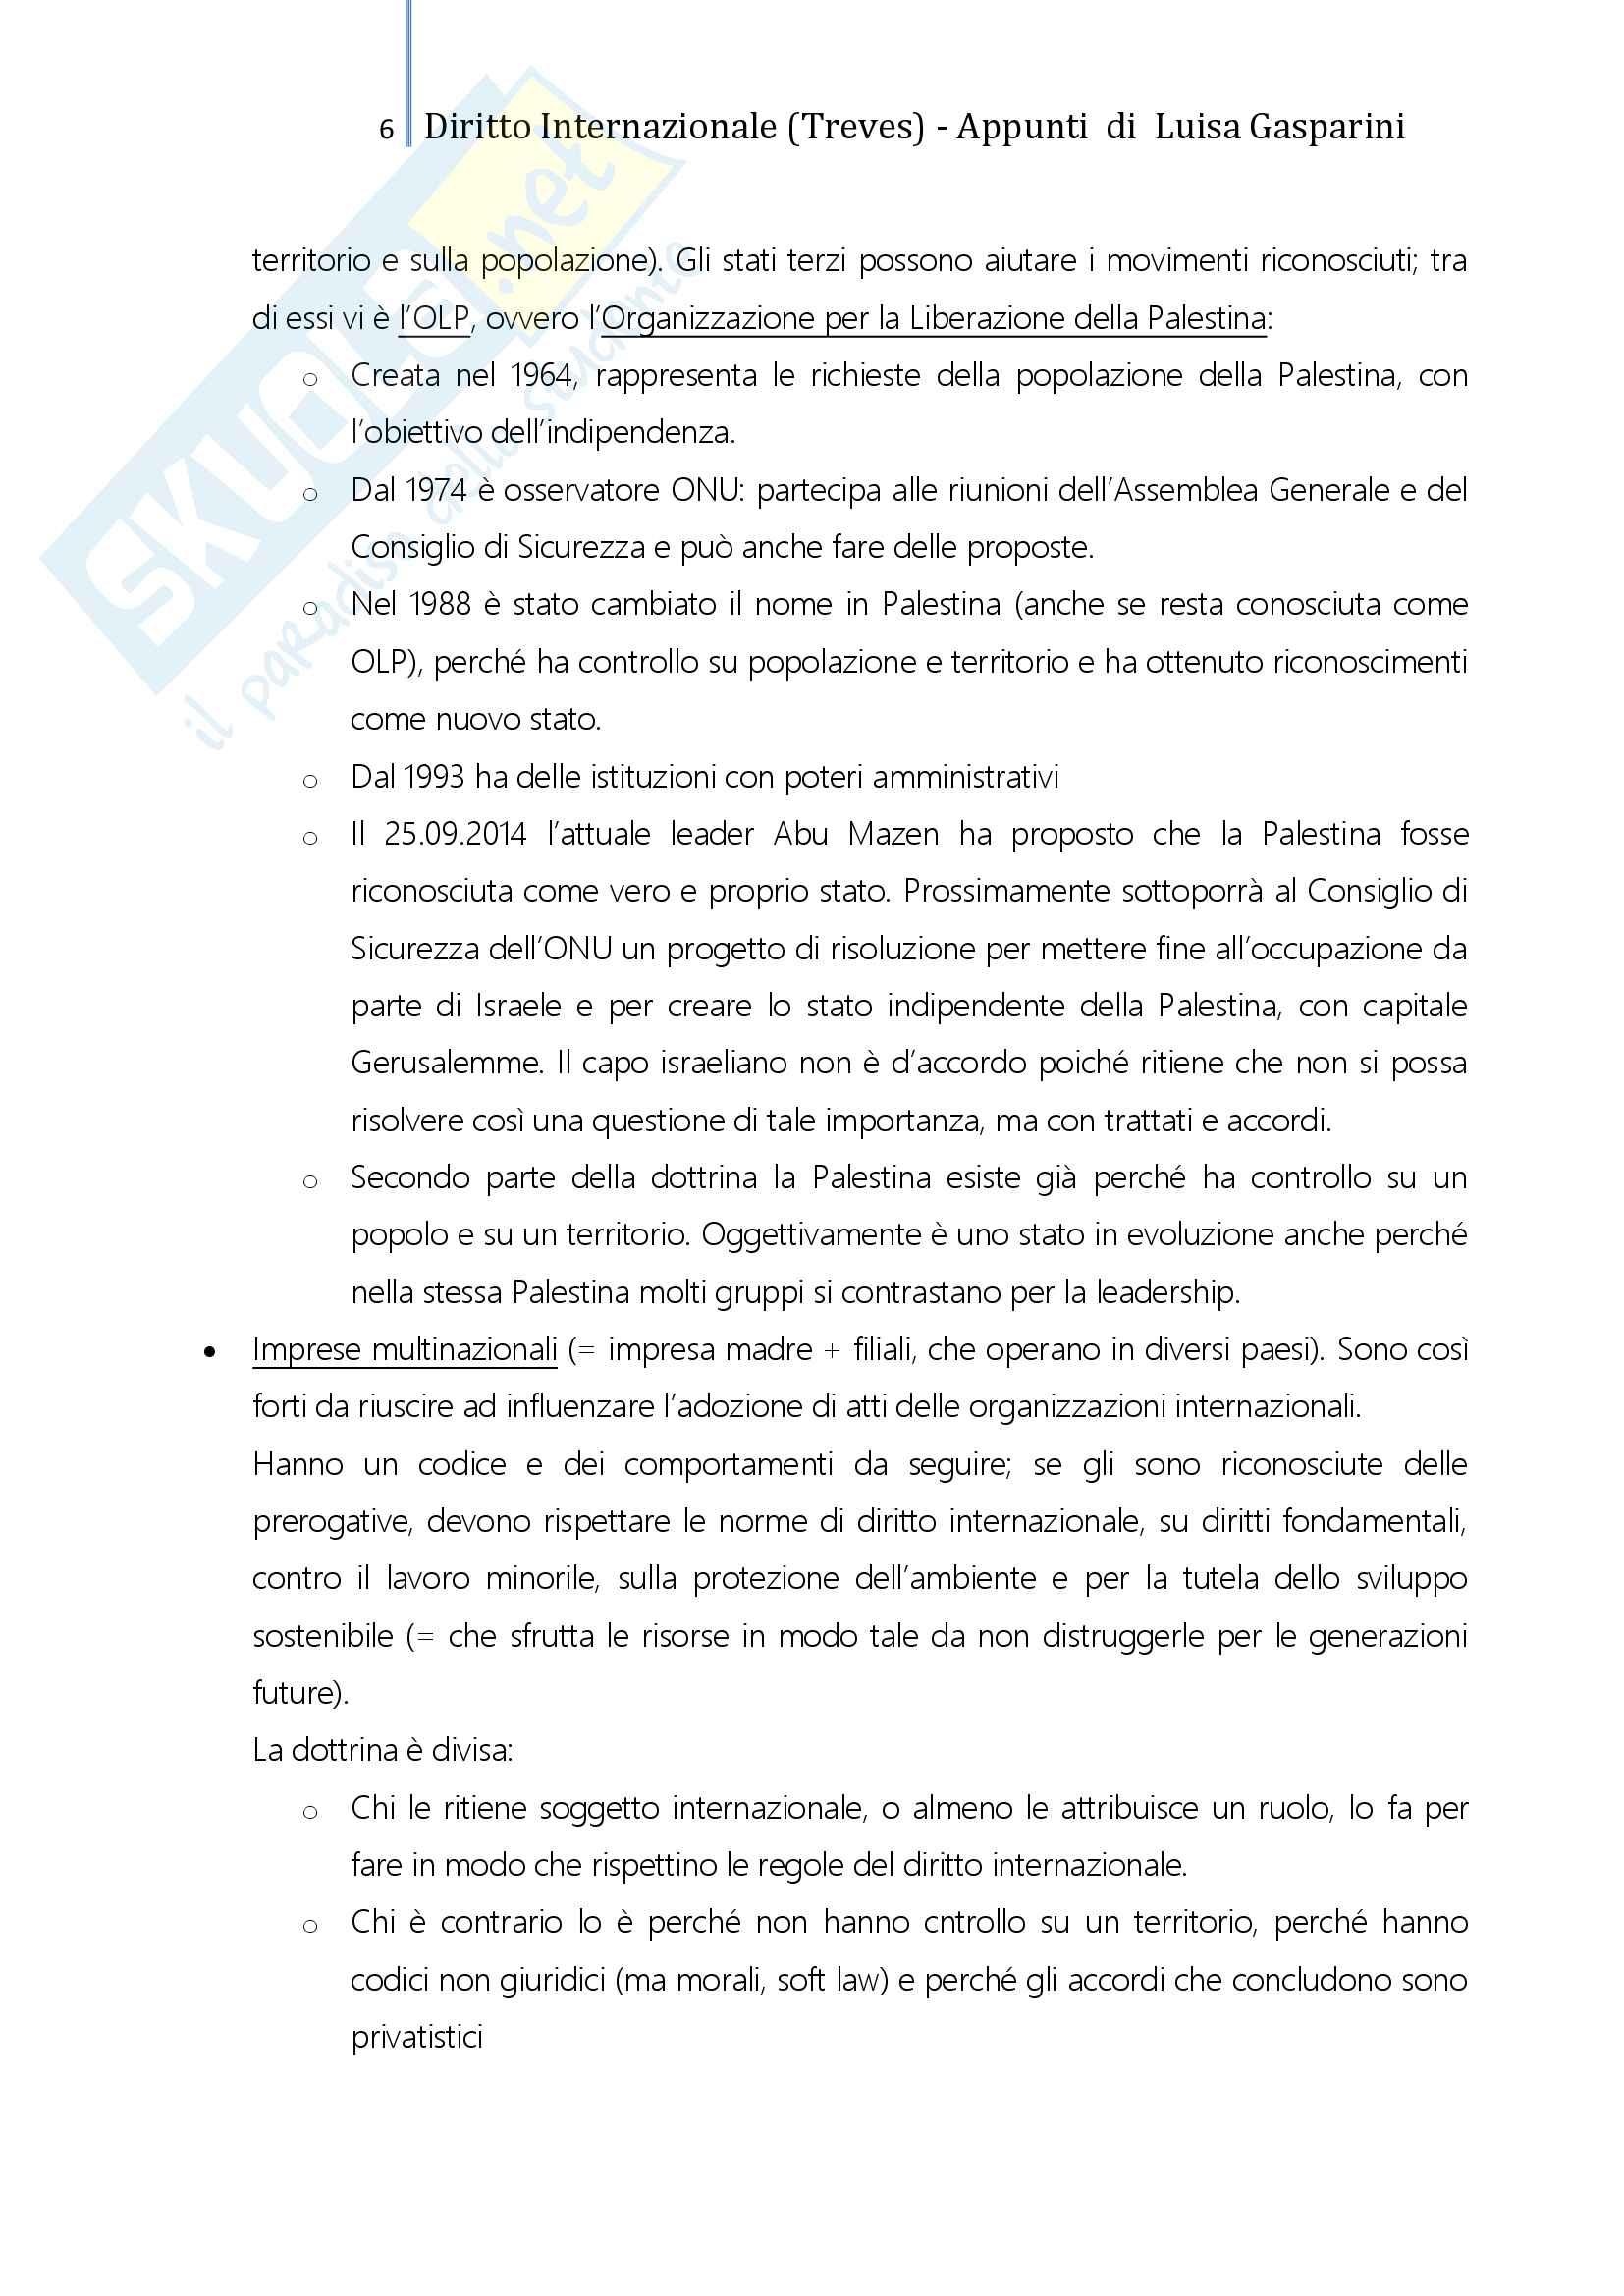 Riassunto esame Diritto internazionale, professoressa De Cesari, testo consigliato Diritto Internazionale, problemi fondamentali, Treves Pag. 6